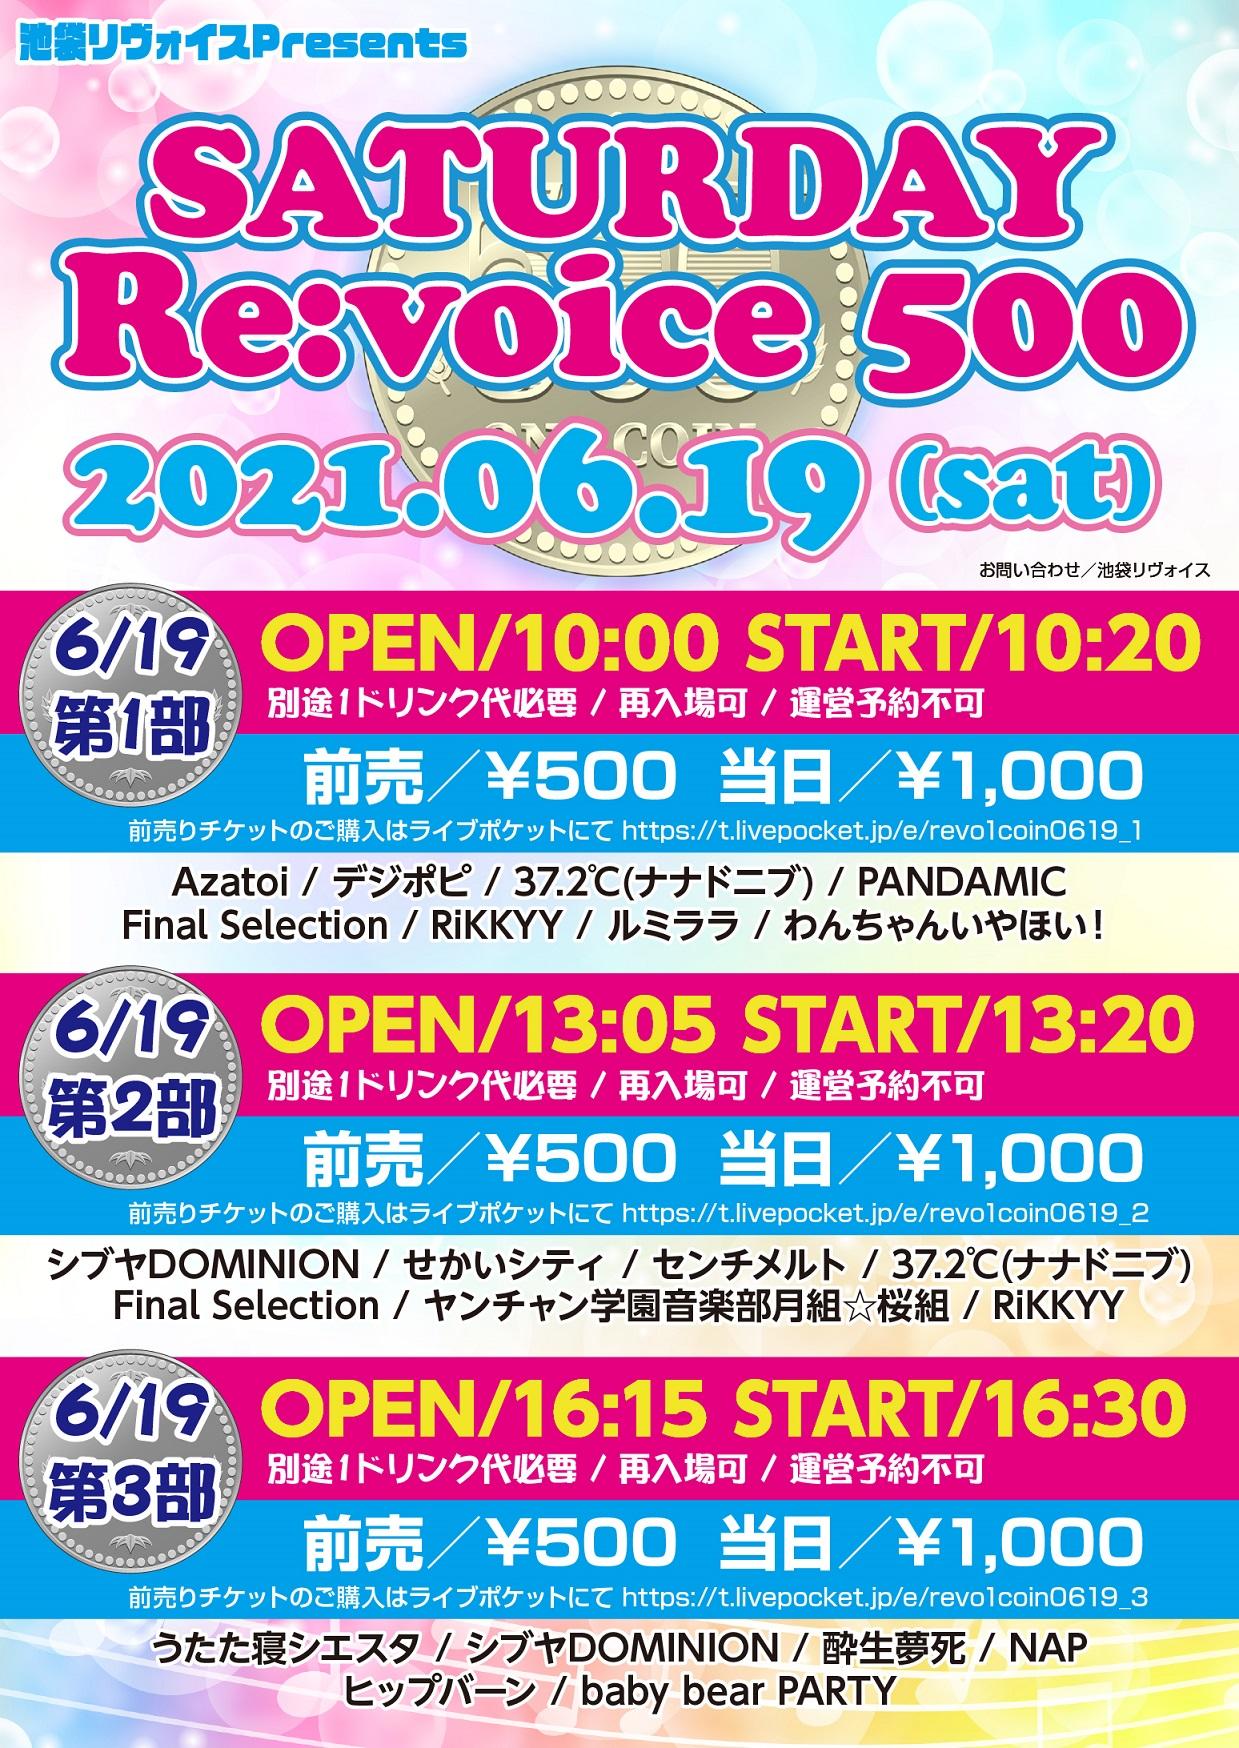 【第二部】SATURDAY Re:voice 500